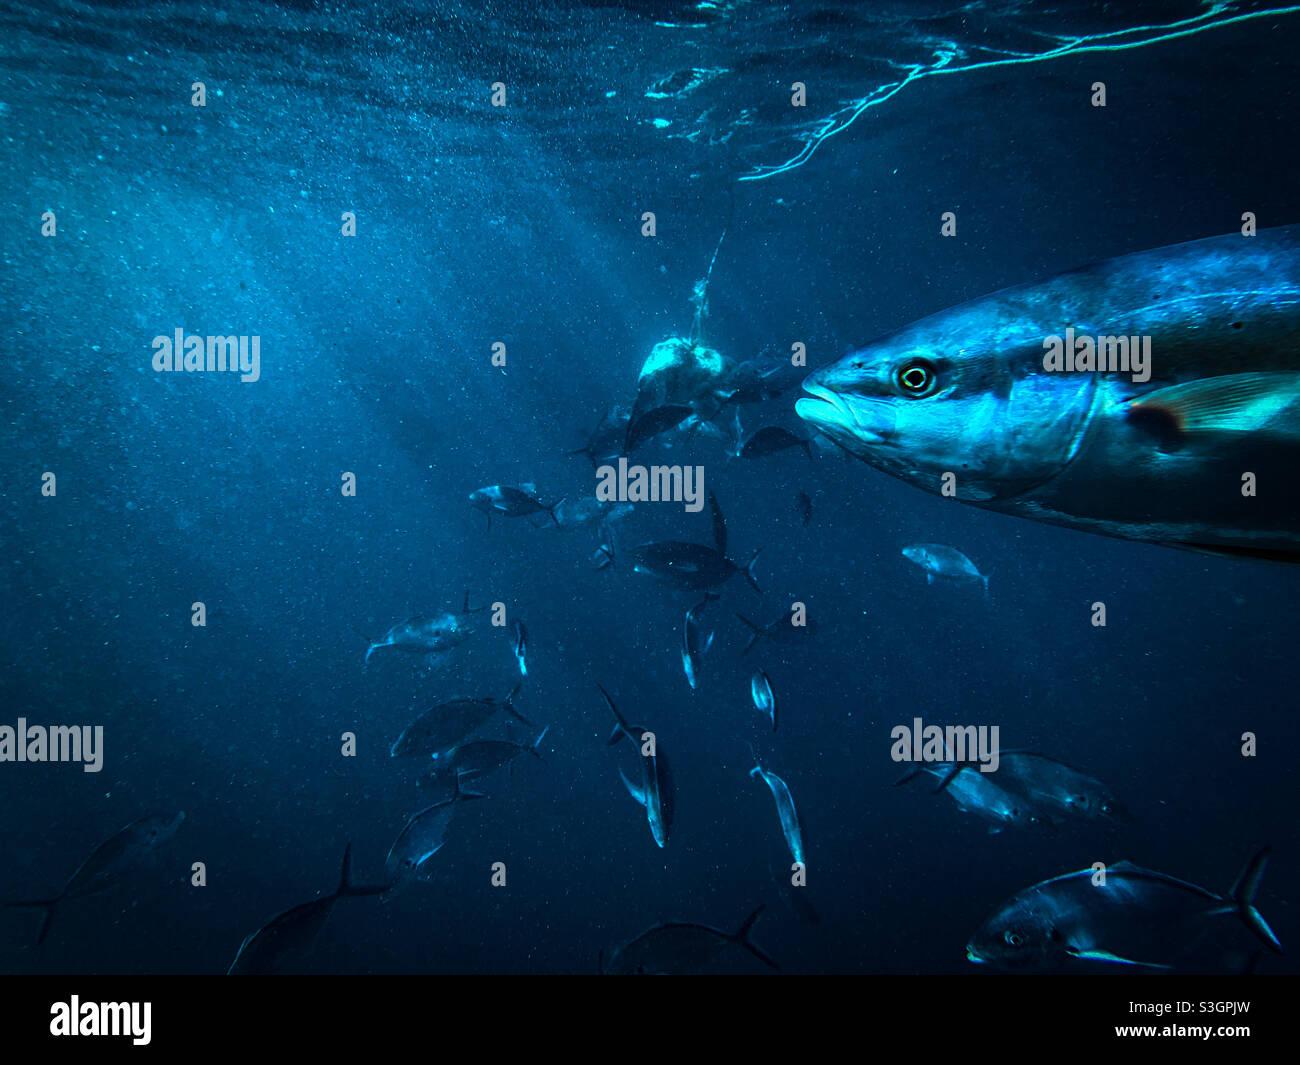 Sotto l'acqua immagine del pesce regale australiano a coda gialla Seriola lalandi e argento Trevally Pseudocaranx georgianus nuotare insieme intorno ad un'esca in acque profonde Foto Stock